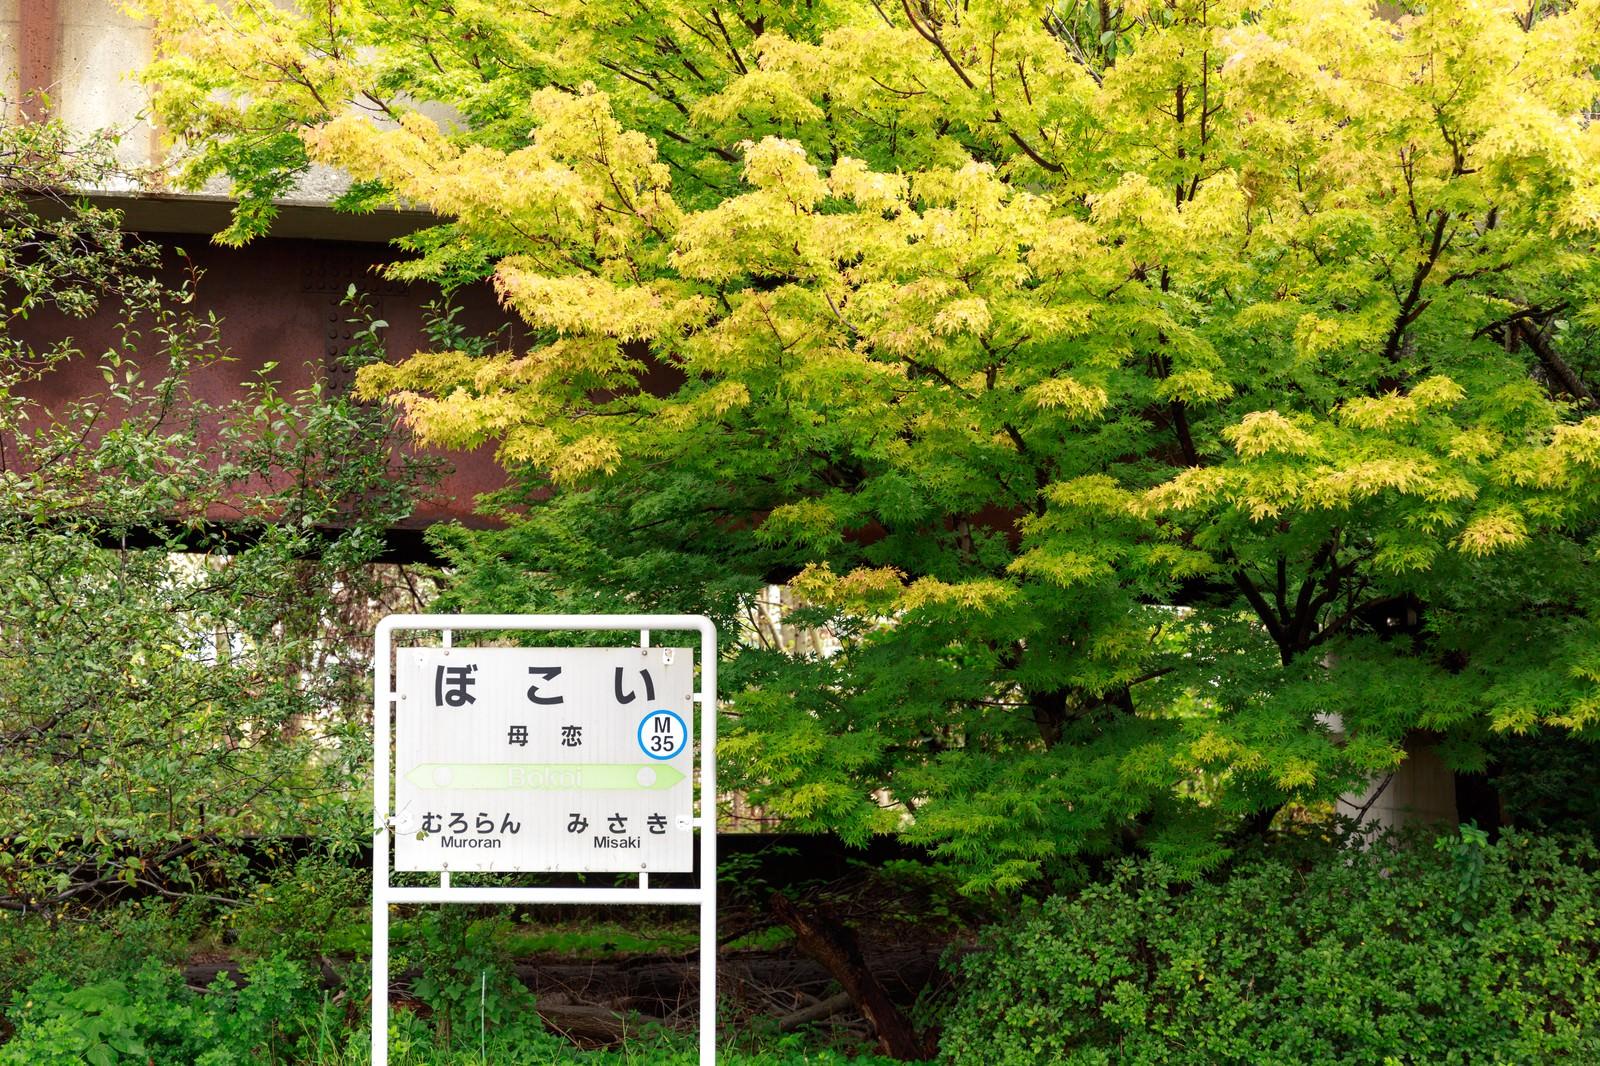 「母恋(ぼこい)駅のホーム」の写真